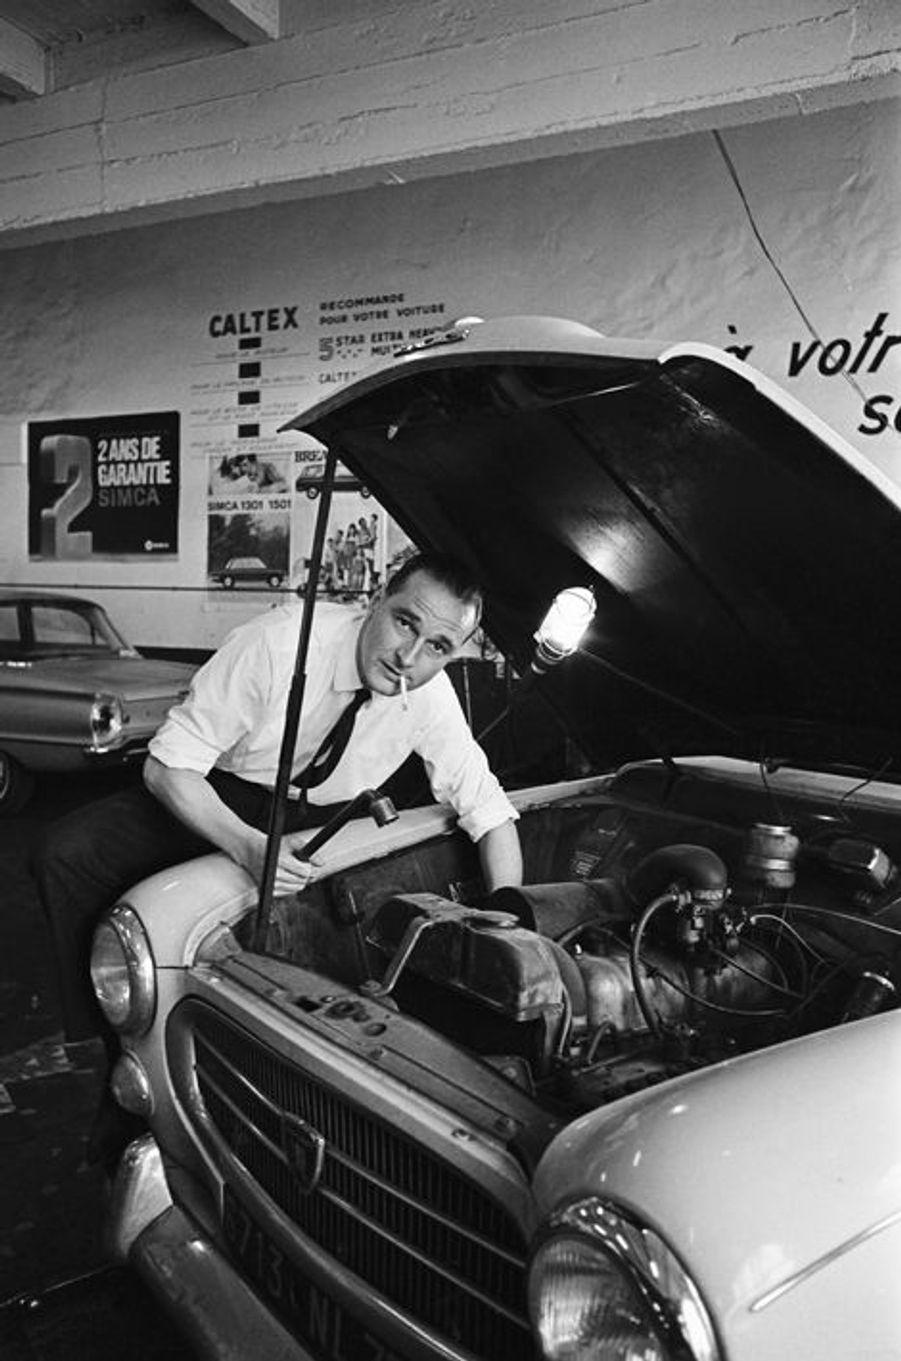 Jacques Chirac, nouveau ministre du Travail, bricole le moteur de sa voiture la Peugeot 403